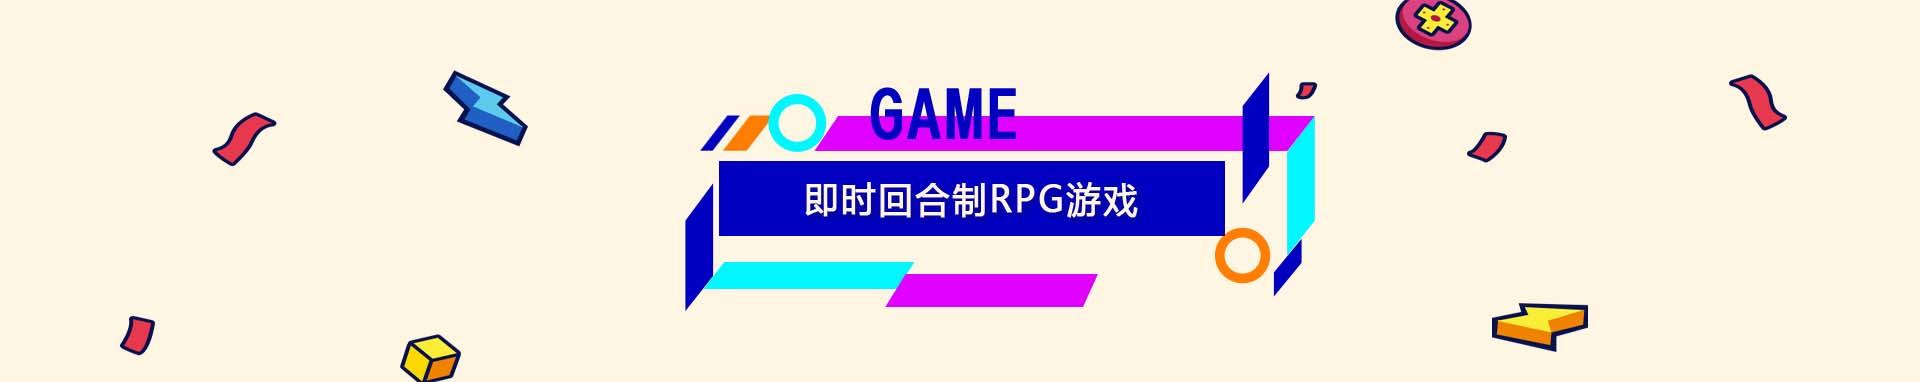 即時回合制RPG游戲_斗蟹游戲網